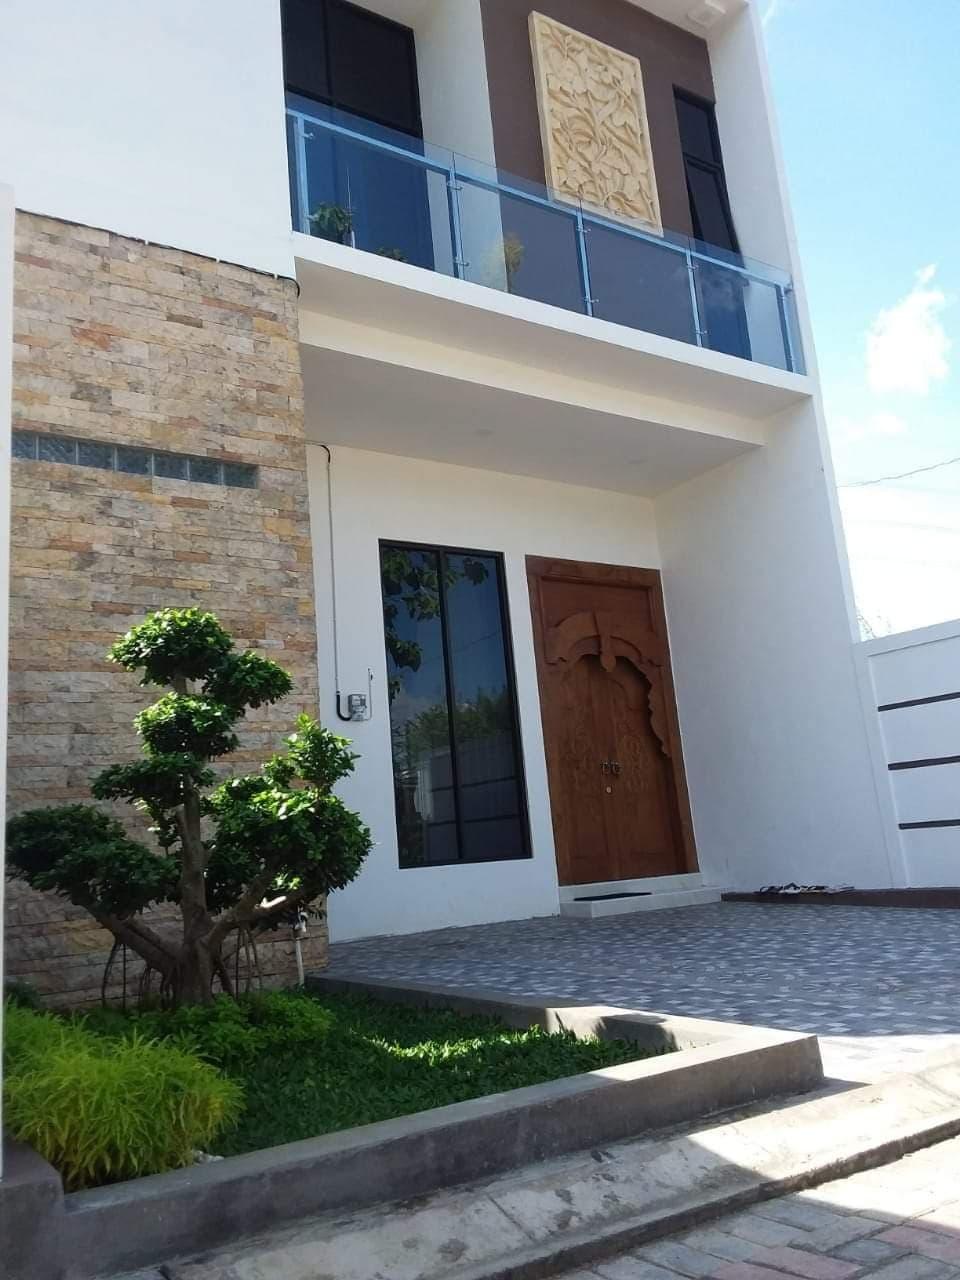 Beli Rumah Resort Type 82 di Jogja Gratis Beli Rumah Type 36 6